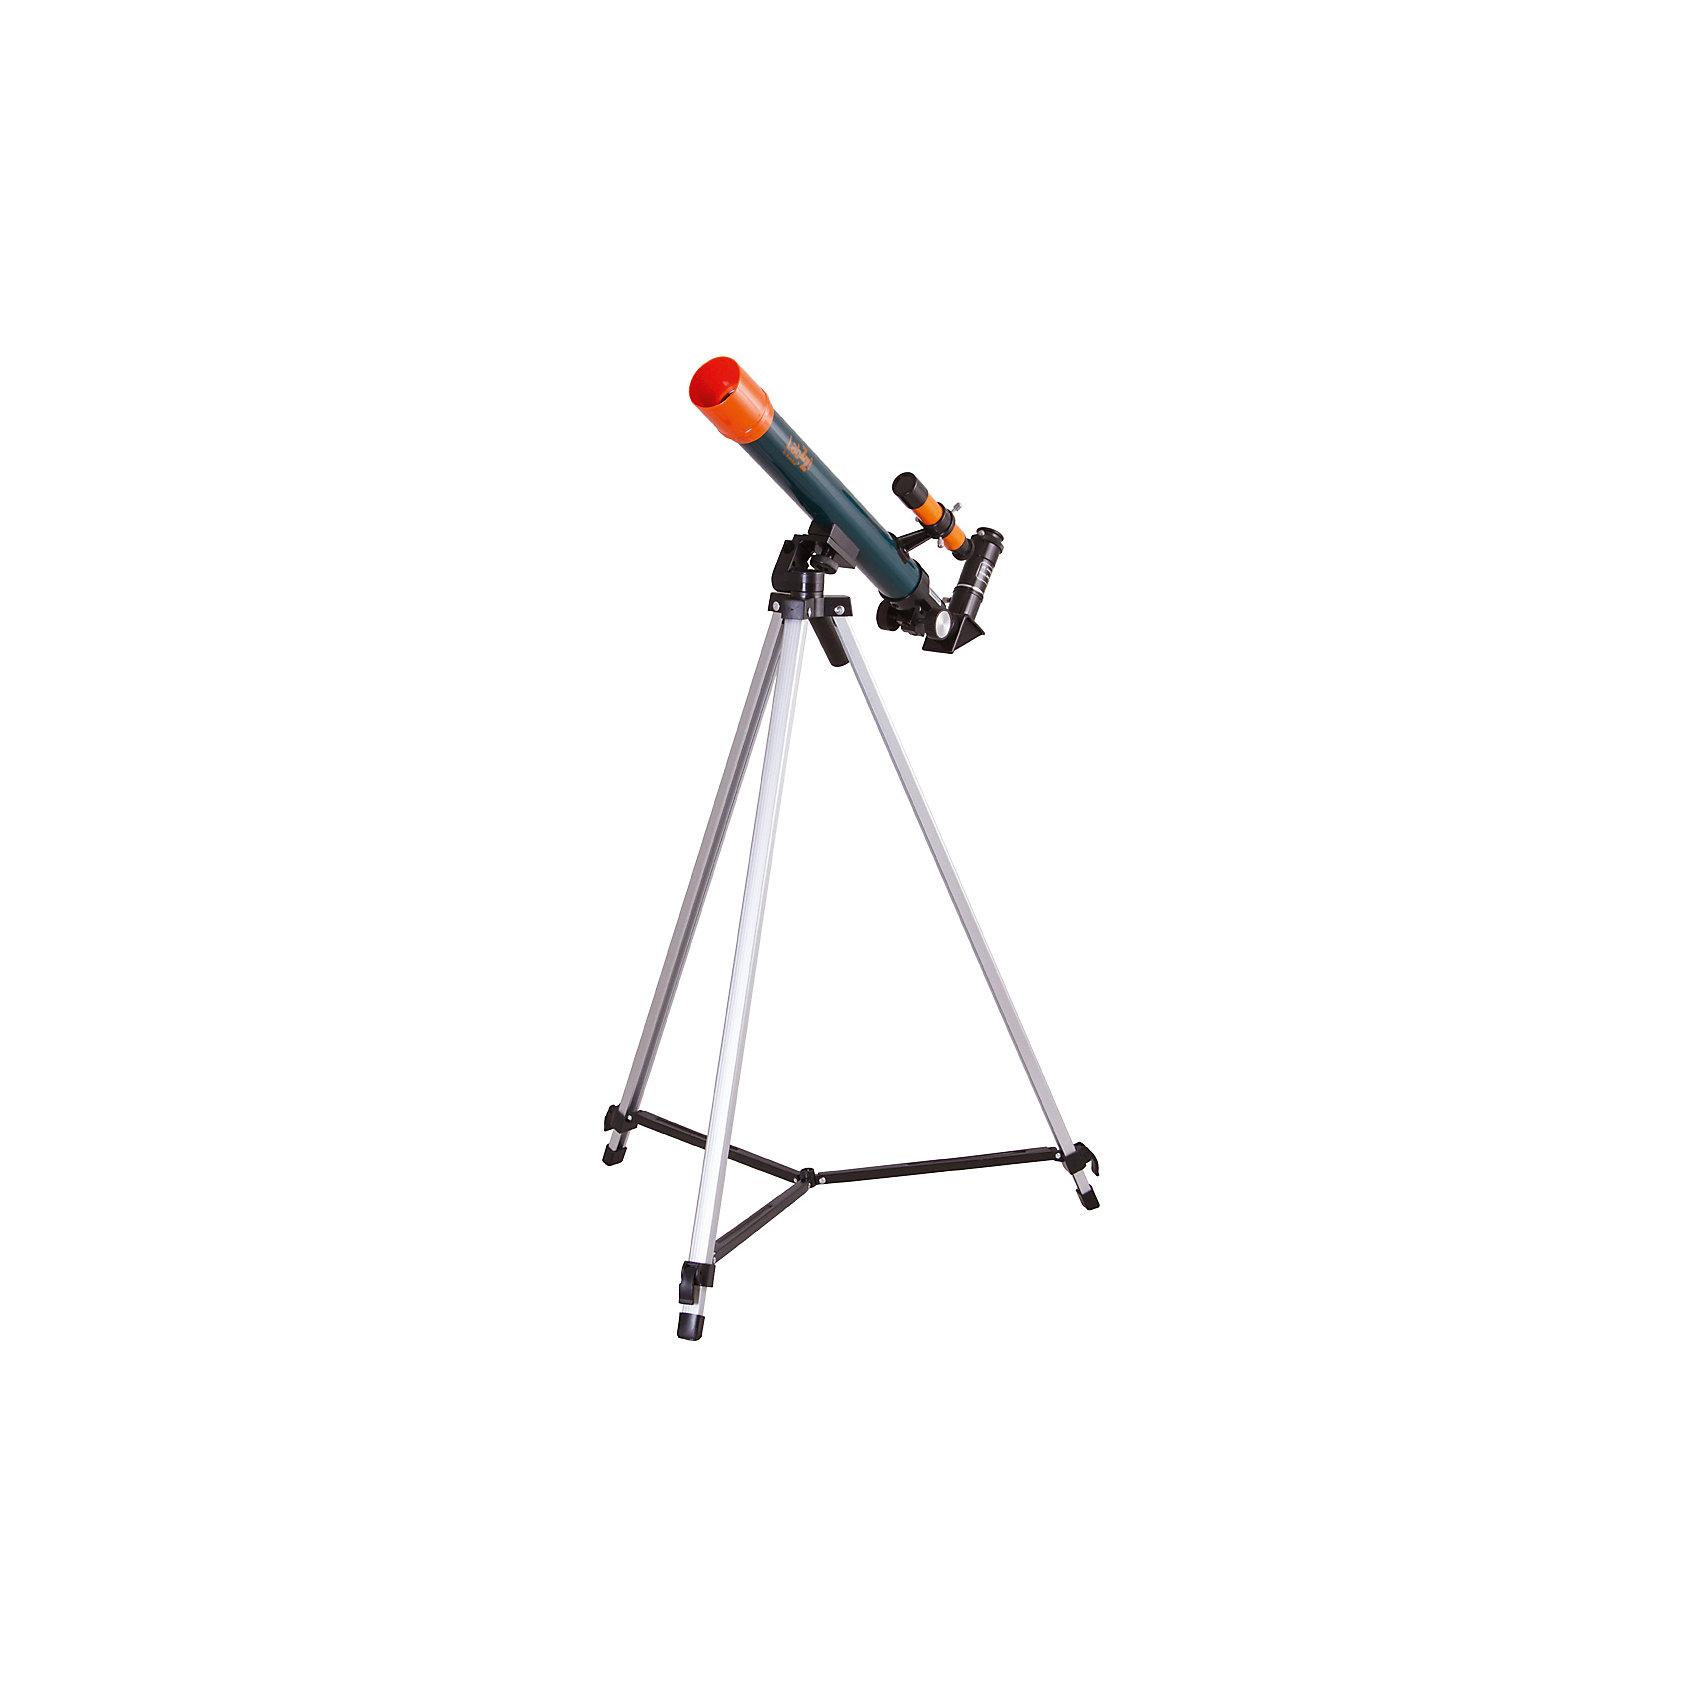 Телескоп Levenhuk LabZZ T1Характеристики товара:<br><br>• материал: металл, пластик<br>• тип телескопа: рефрактор<br>• максимальное полезное увеличение: 40 крат<br>• светосила (относительное отверстие): 12/5<br>• световой диаметр (Апертура): 40 мм<br>• посадочный диаметр окуляров: 0,96, окуляры 20 мм (25х), 12,5 мм (40х), оборачивающий окуляр 1,5х<br>• искатель : оптический, 2х<br>• тренога алюминиевая<br>• высота треноги регулируемая: 650–1150 мм<br>• тип монтировки: азимутальная<br>• комплектация: труба, окуляры, тренога, зеркало<br>• страна бренда: США<br>• страна производства: КНР<br><br>Телескоп - это отличный способ заинтересовать ребенка наблюдениями за наземными объектами и привить ему интерес к учебе. Эта модель была разработана специально для детей - он позволяет увеличивать предметы из космоса и изучать их. Благодаря легкому и прочному корпусу телескоп удобно брать с собой!<br><br>Оптические приборы от американской компании Levenhuk уже успели зарекомендовать себя как качественная и надежная продукция. Для их производства используются только безопасные и проверенные материалы. Такой прибор способен прослужить долго. Подарите ребенку интересную и полезную вещь!<br><br>Телескоп Levenhuk LabZZ T1 от известного бренда Levenhuk (Левенгук) можно купить в нашем интернет-магазине.<br><br>Ширина мм: 730<br>Глубина мм: 220<br>Высота мм: 80<br>Вес г: 1404<br>Возраст от месяцев: 60<br>Возраст до месяцев: 2147483647<br>Пол: Унисекс<br>Возраст: Детский<br>SKU: 5435296